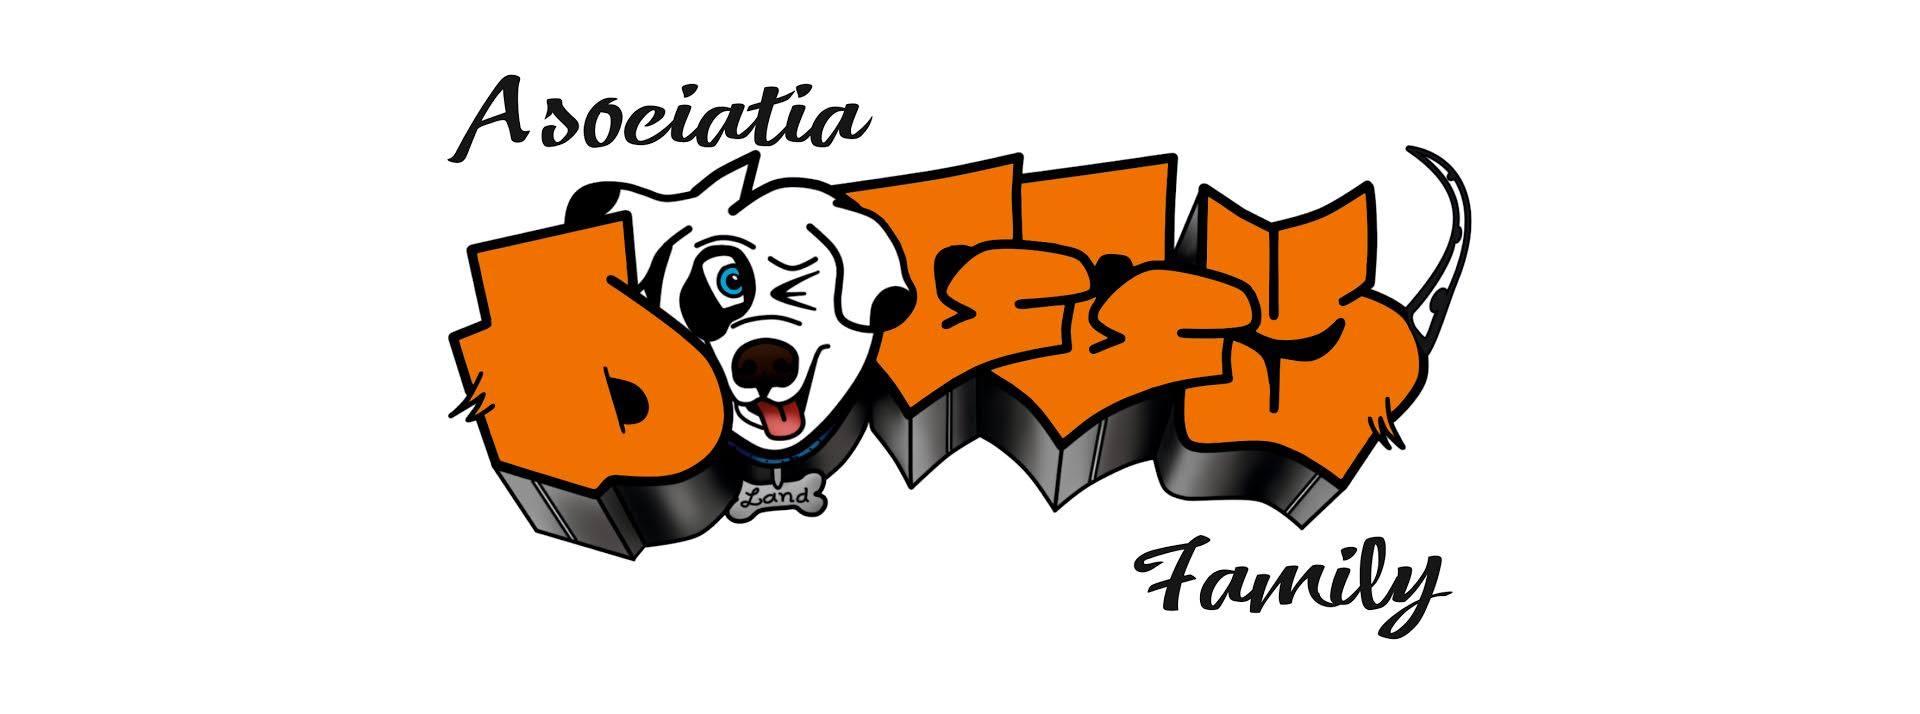 Asociatia DoggyLand Family logo